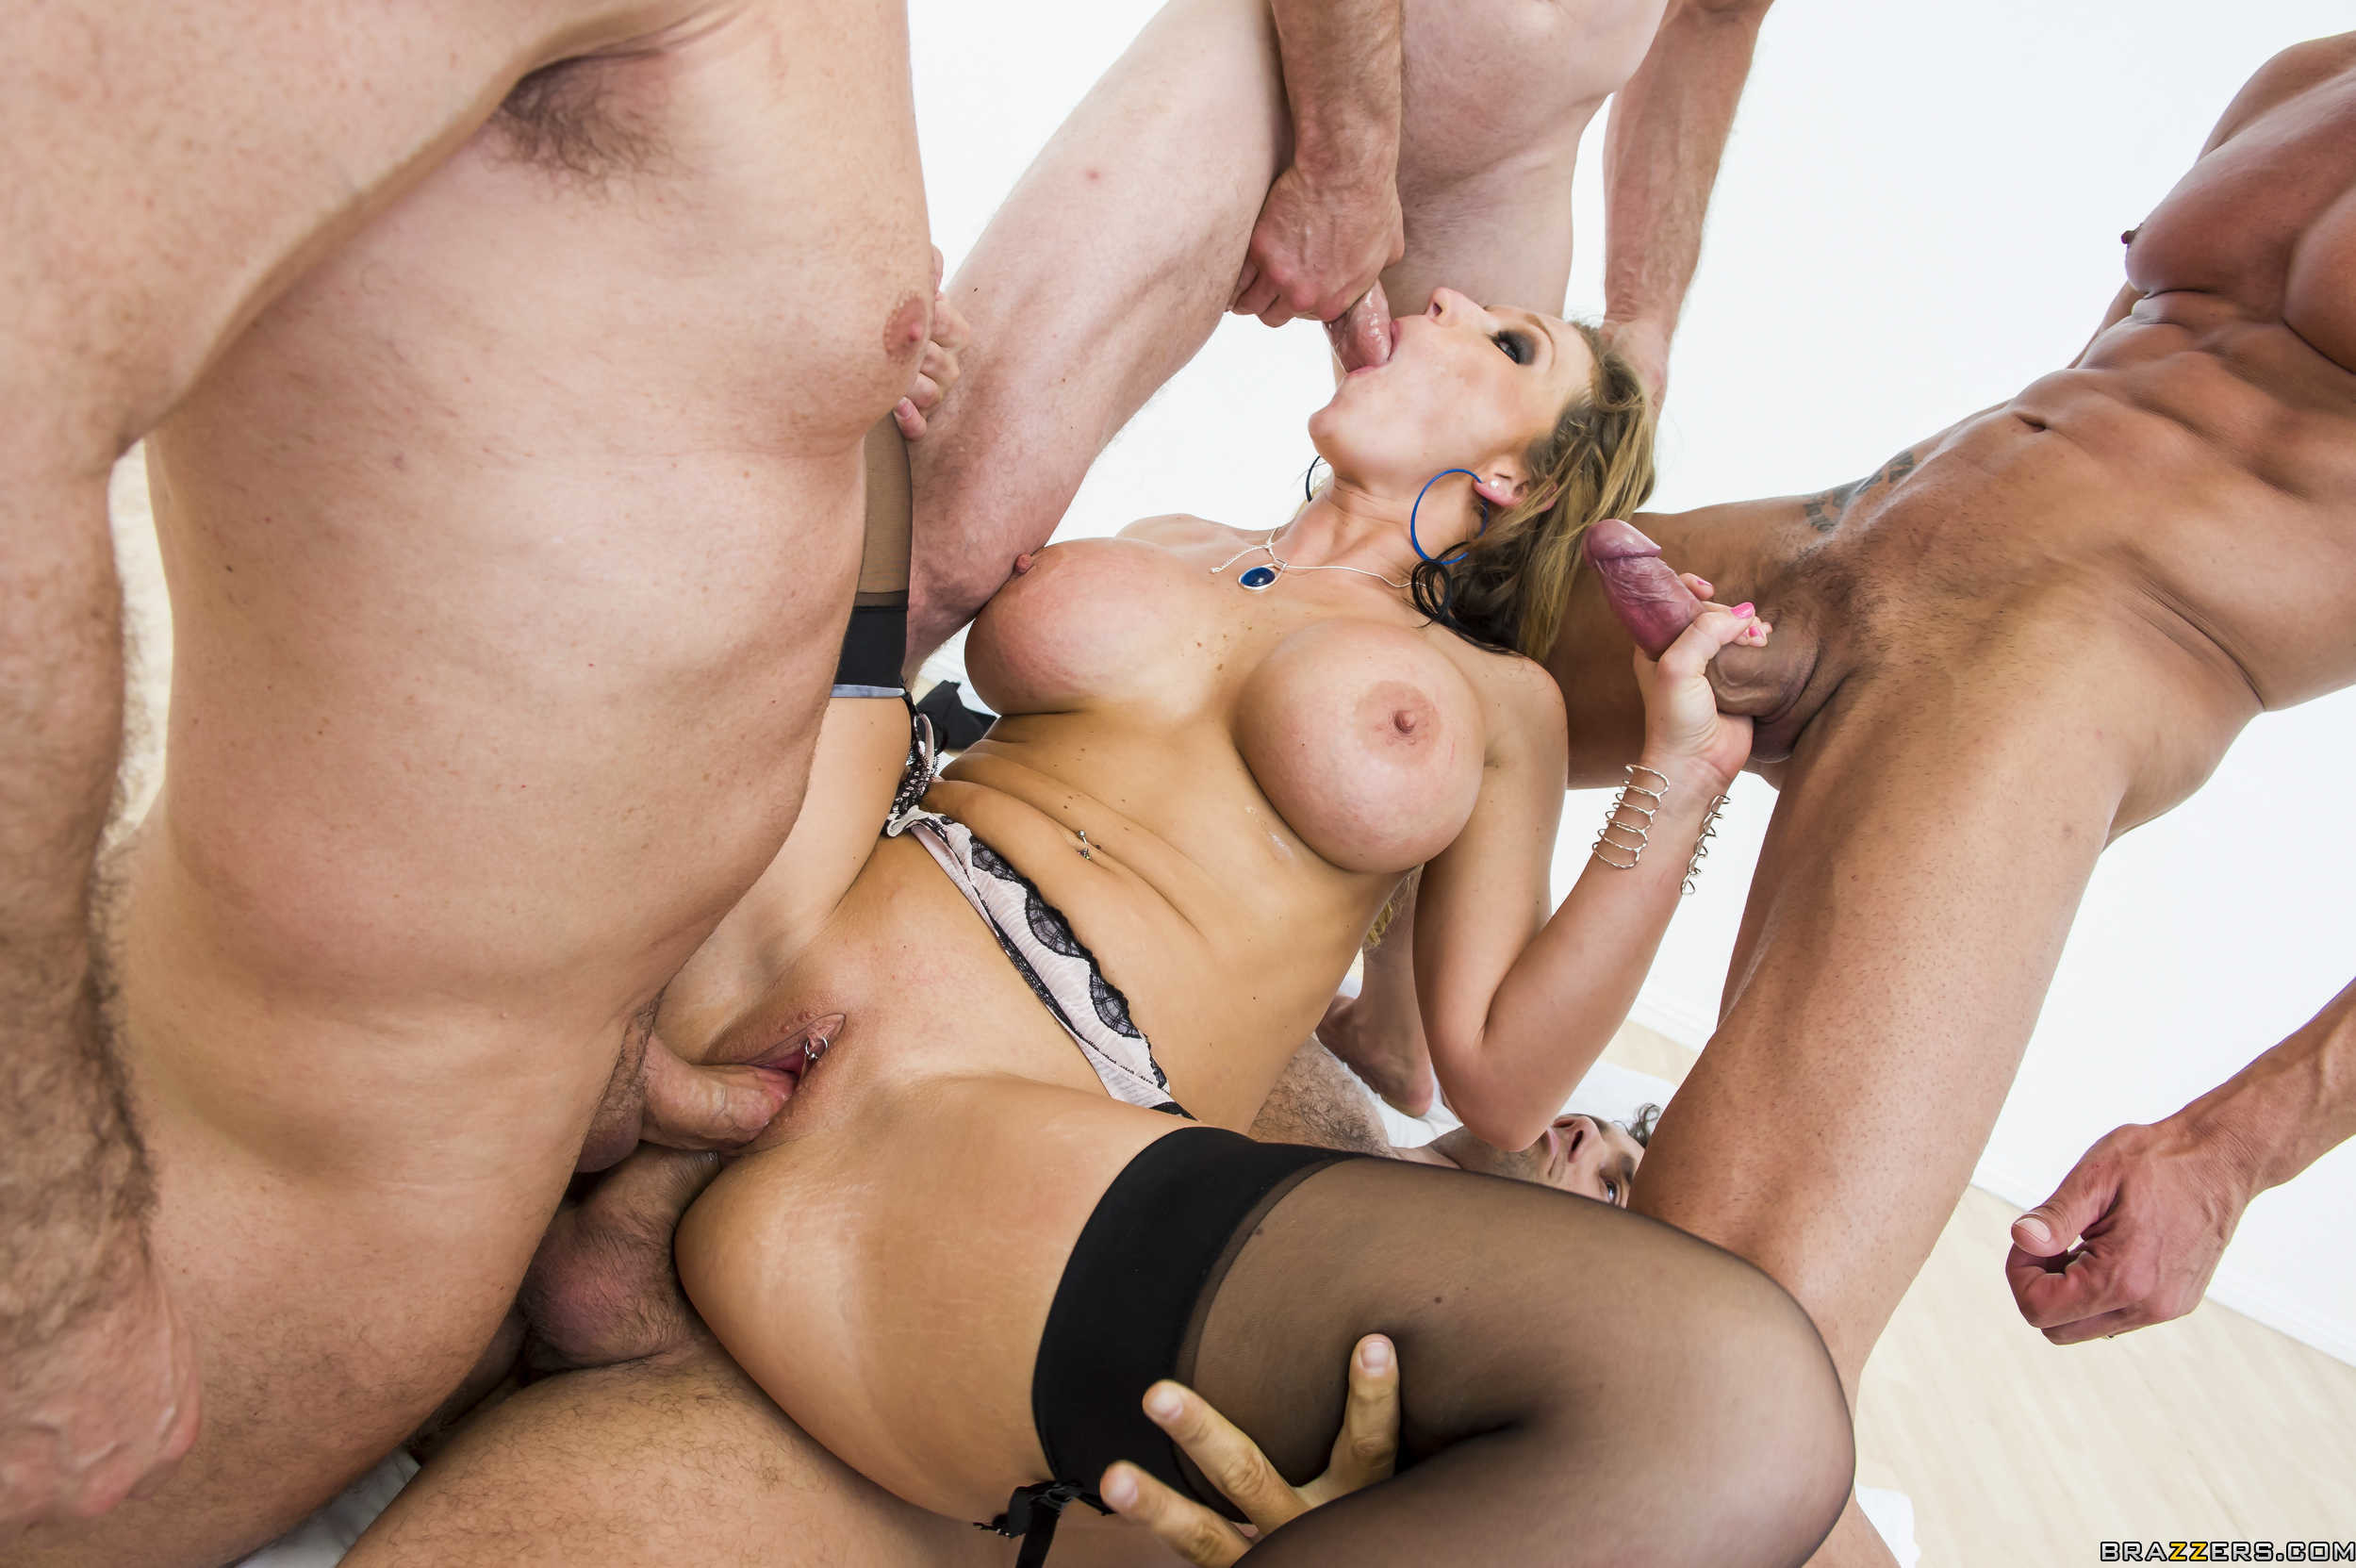 Секс фотки групповух, Порно фото групповой секс Групповуха 5 фотография